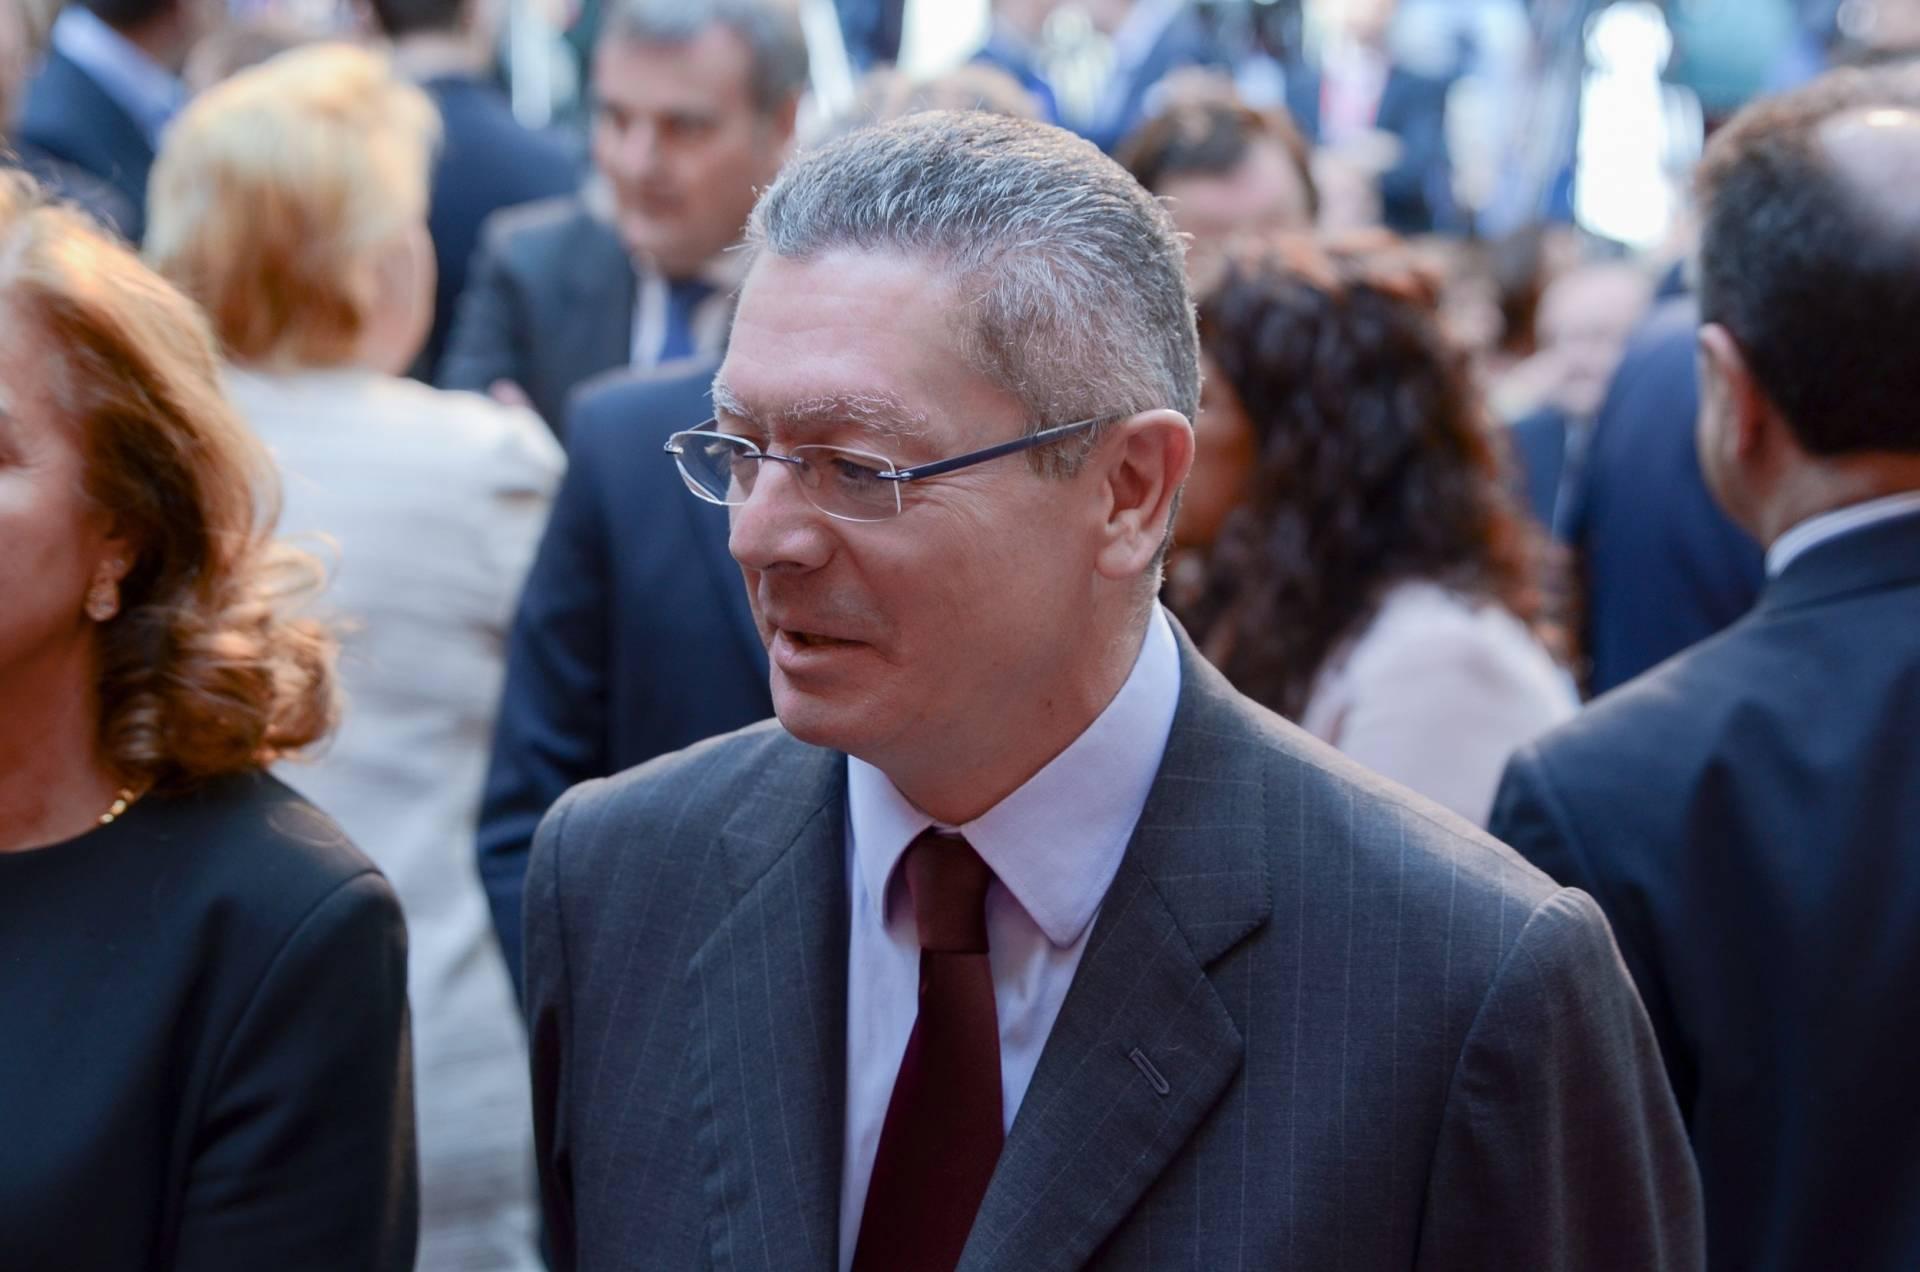 El ex ministro de Justicia y ex alcalde de MadridAlberto Ruiz-Gallardón.